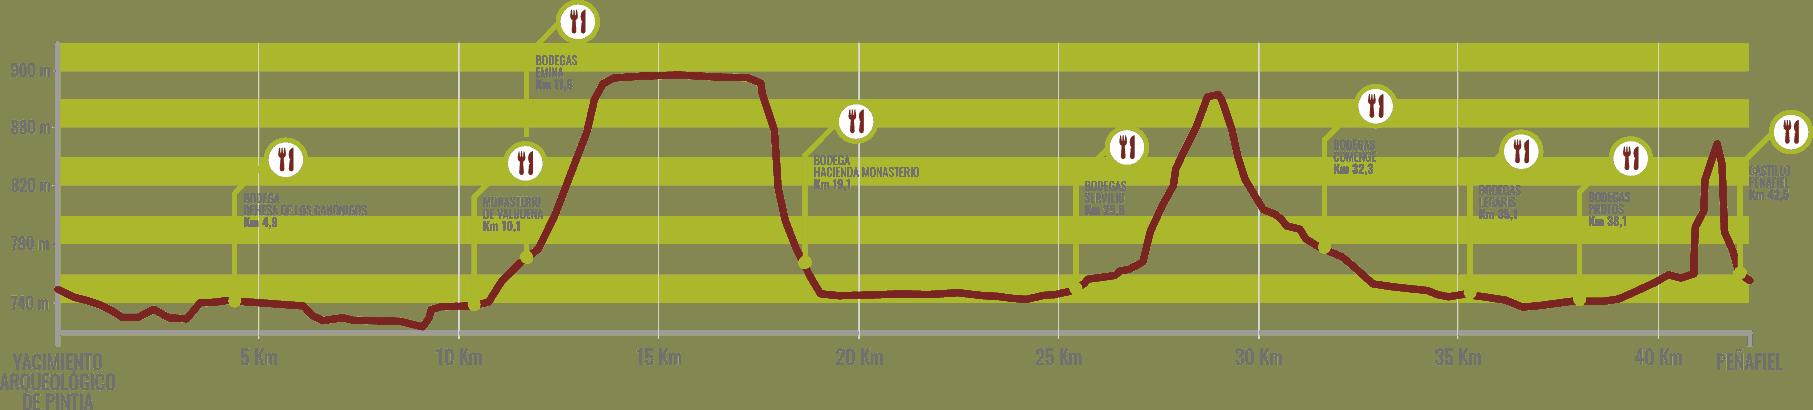 Ribera Run Perfil de carrera